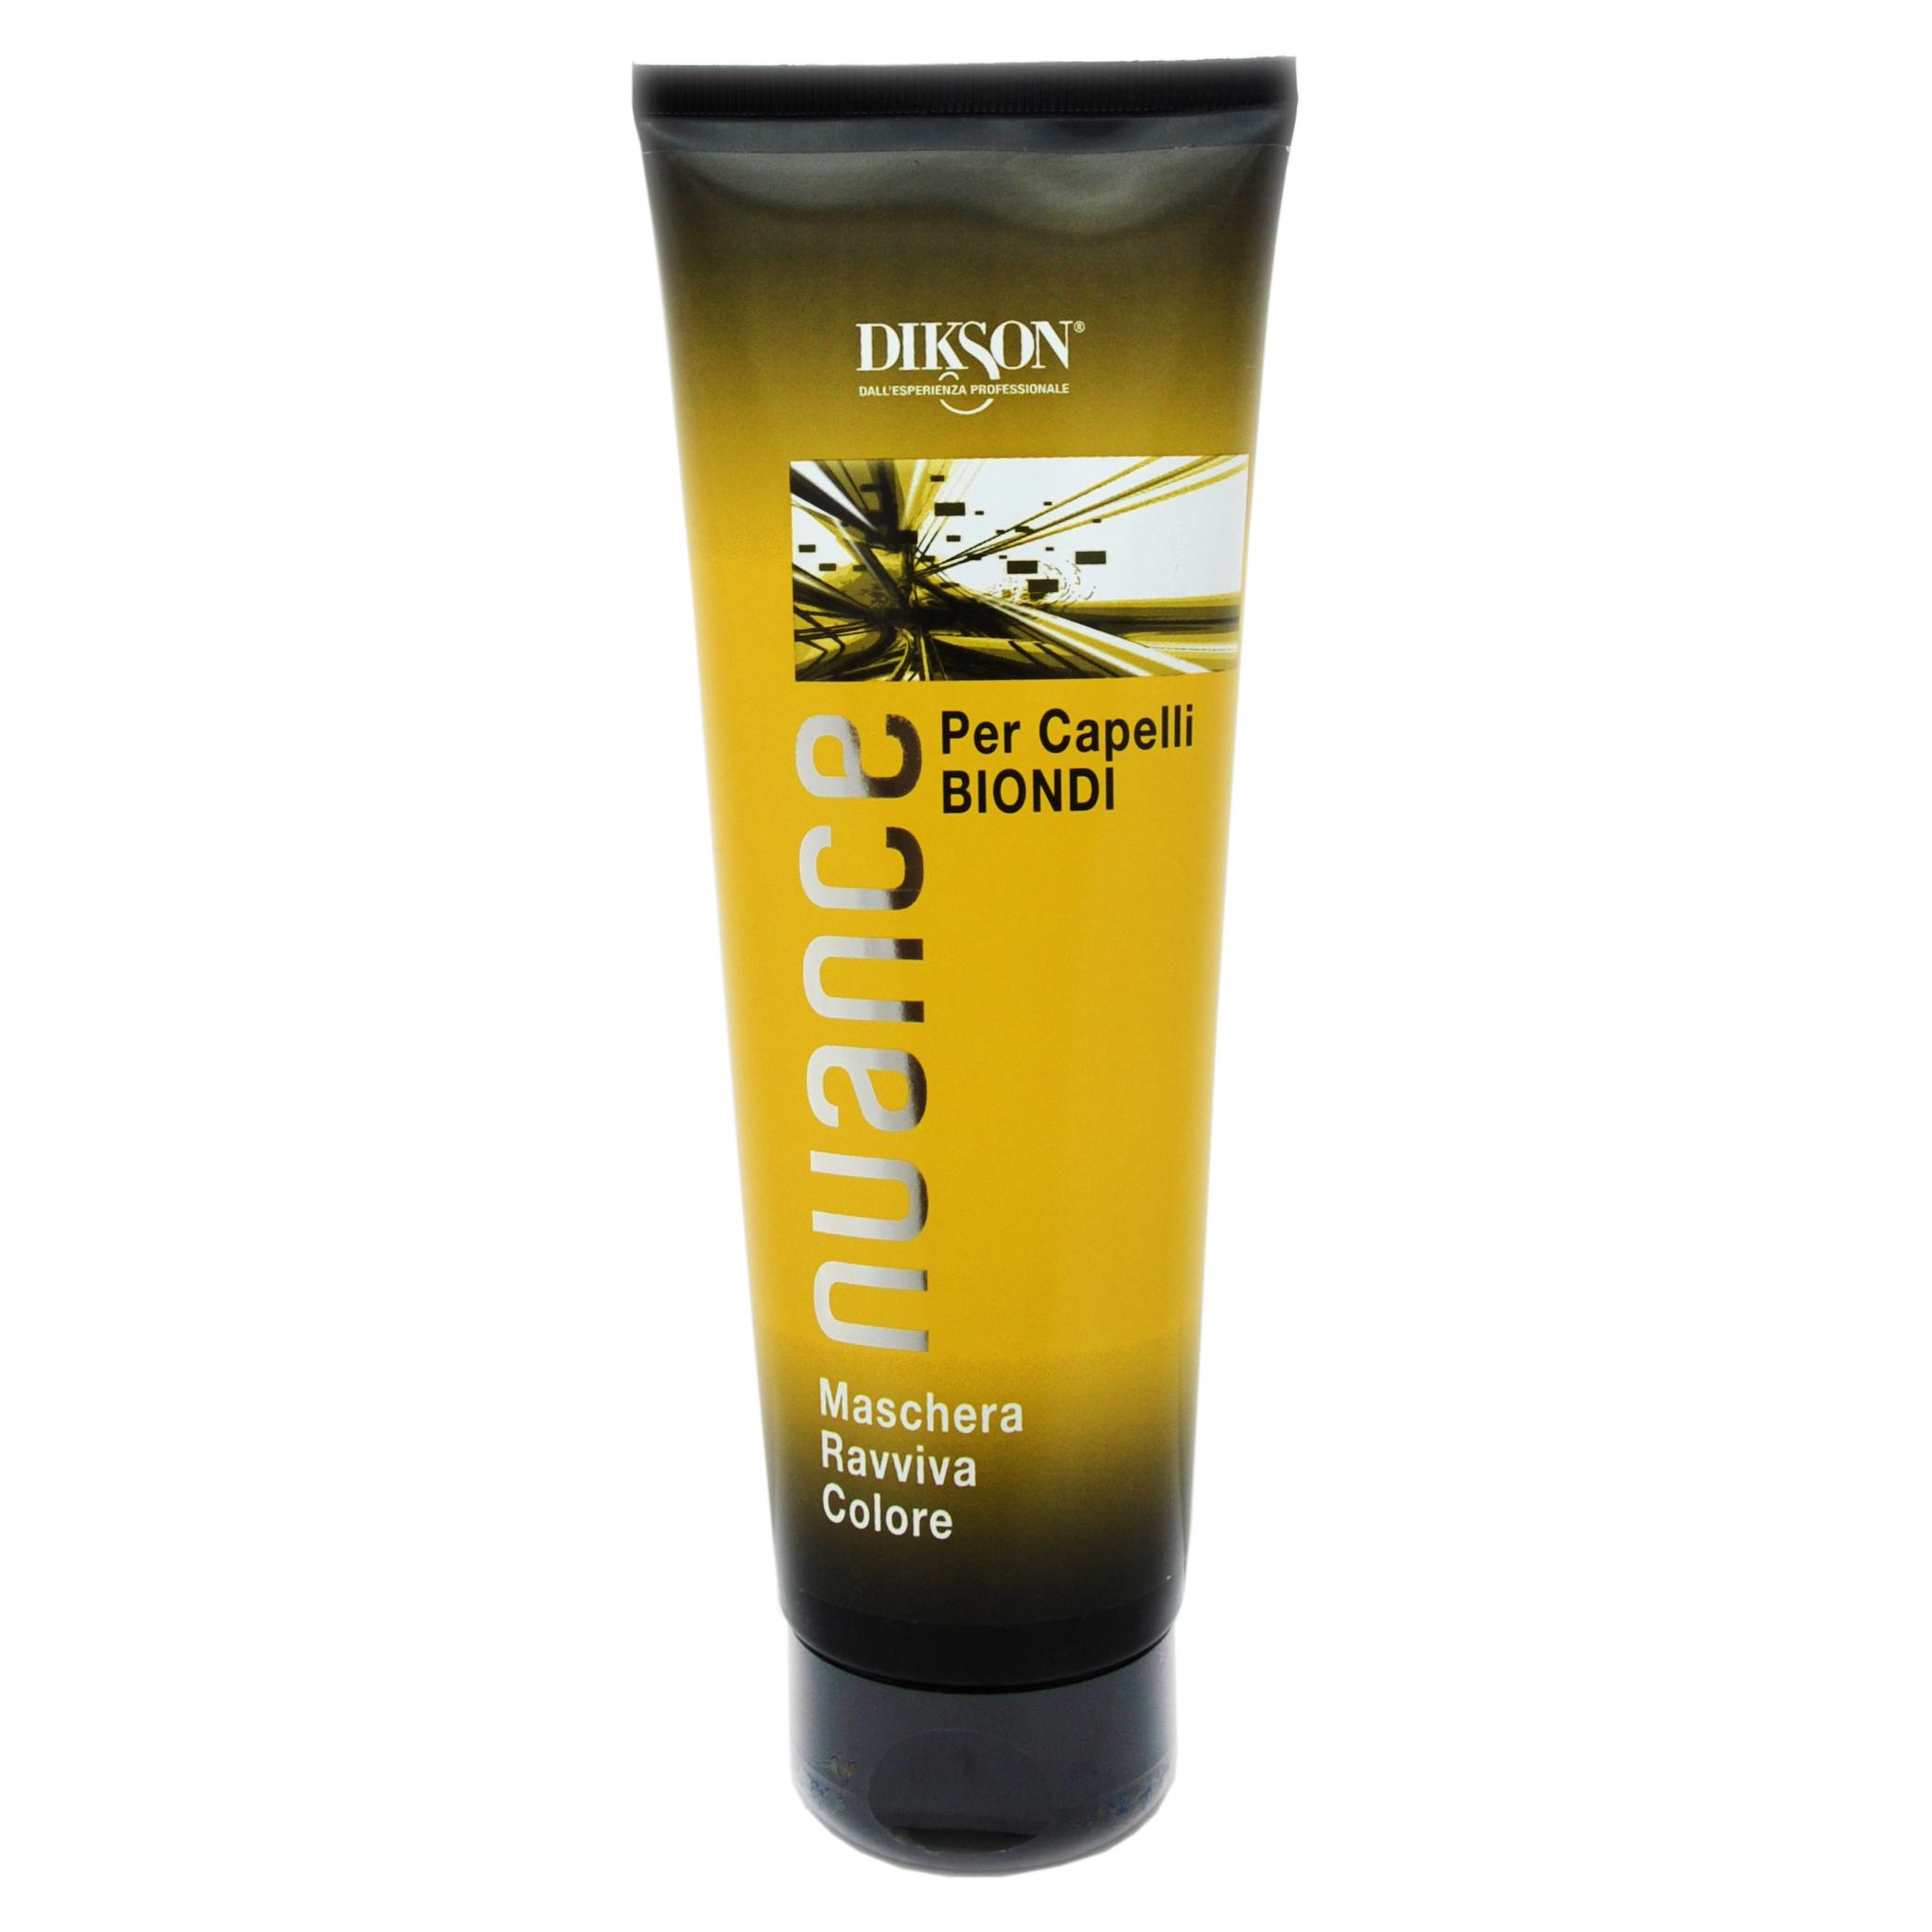 Купить Dikson Тонирующая маска для блондинок Maschera Raviva Color for Blond Hair, 250 мл (Dikson, Окрашивание)